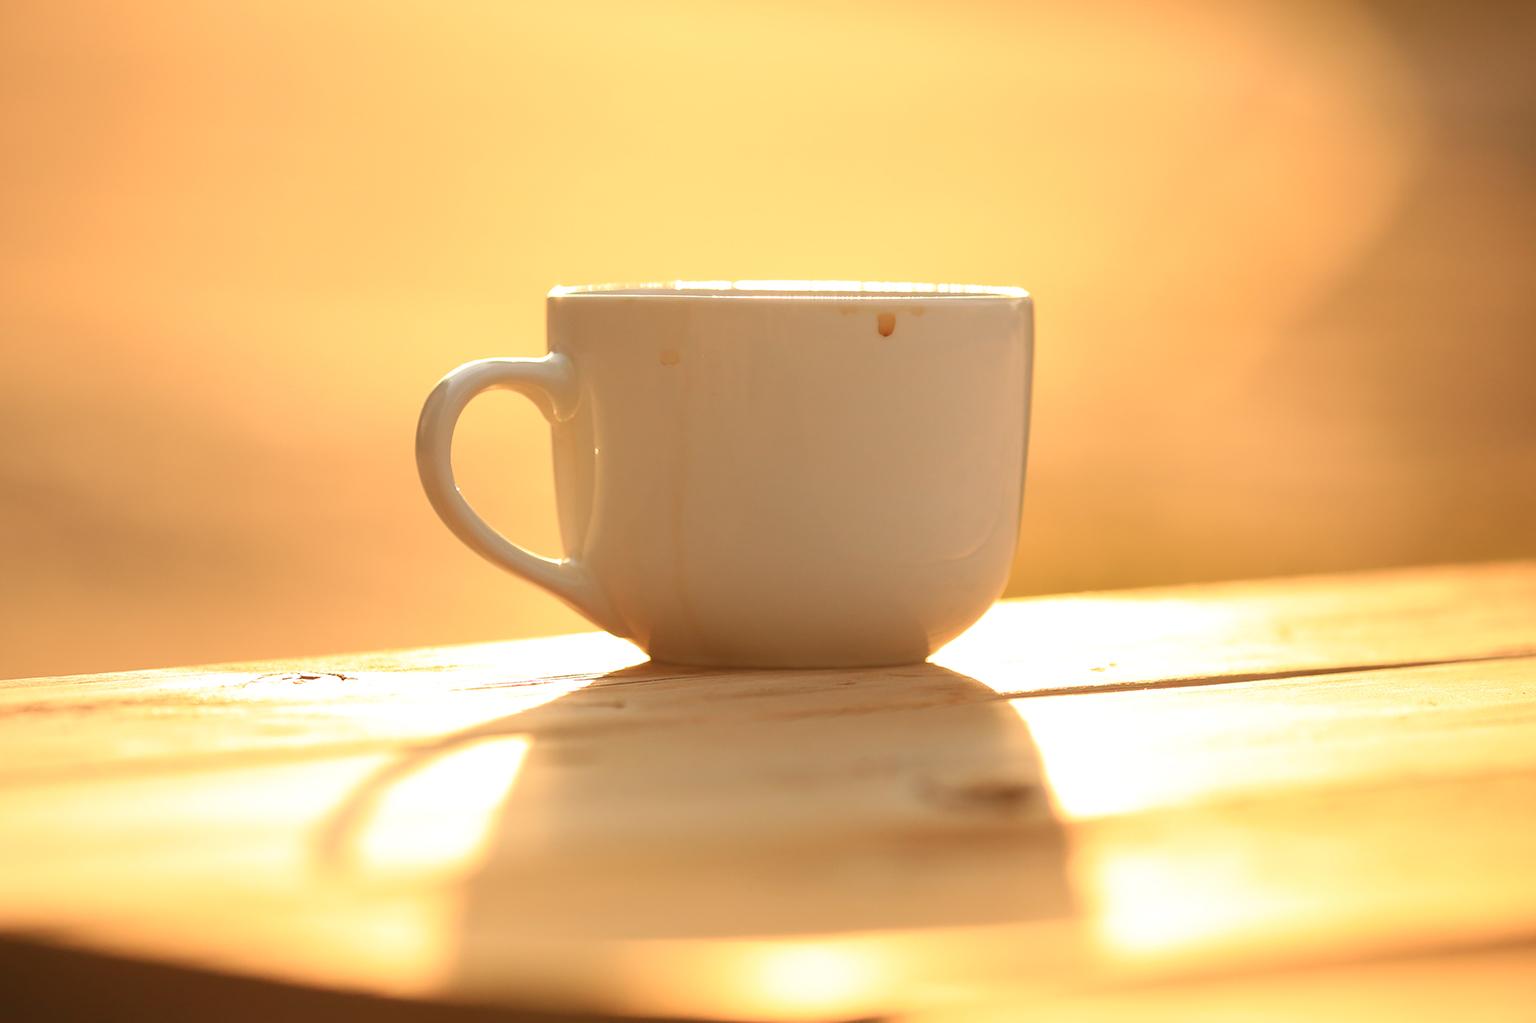 Villareal de San Carlos, Spanien – Einer der wichtigsten und schönsten Momente des Tages auf Fotoreisen - Sonnenaufgang mit Kaffee